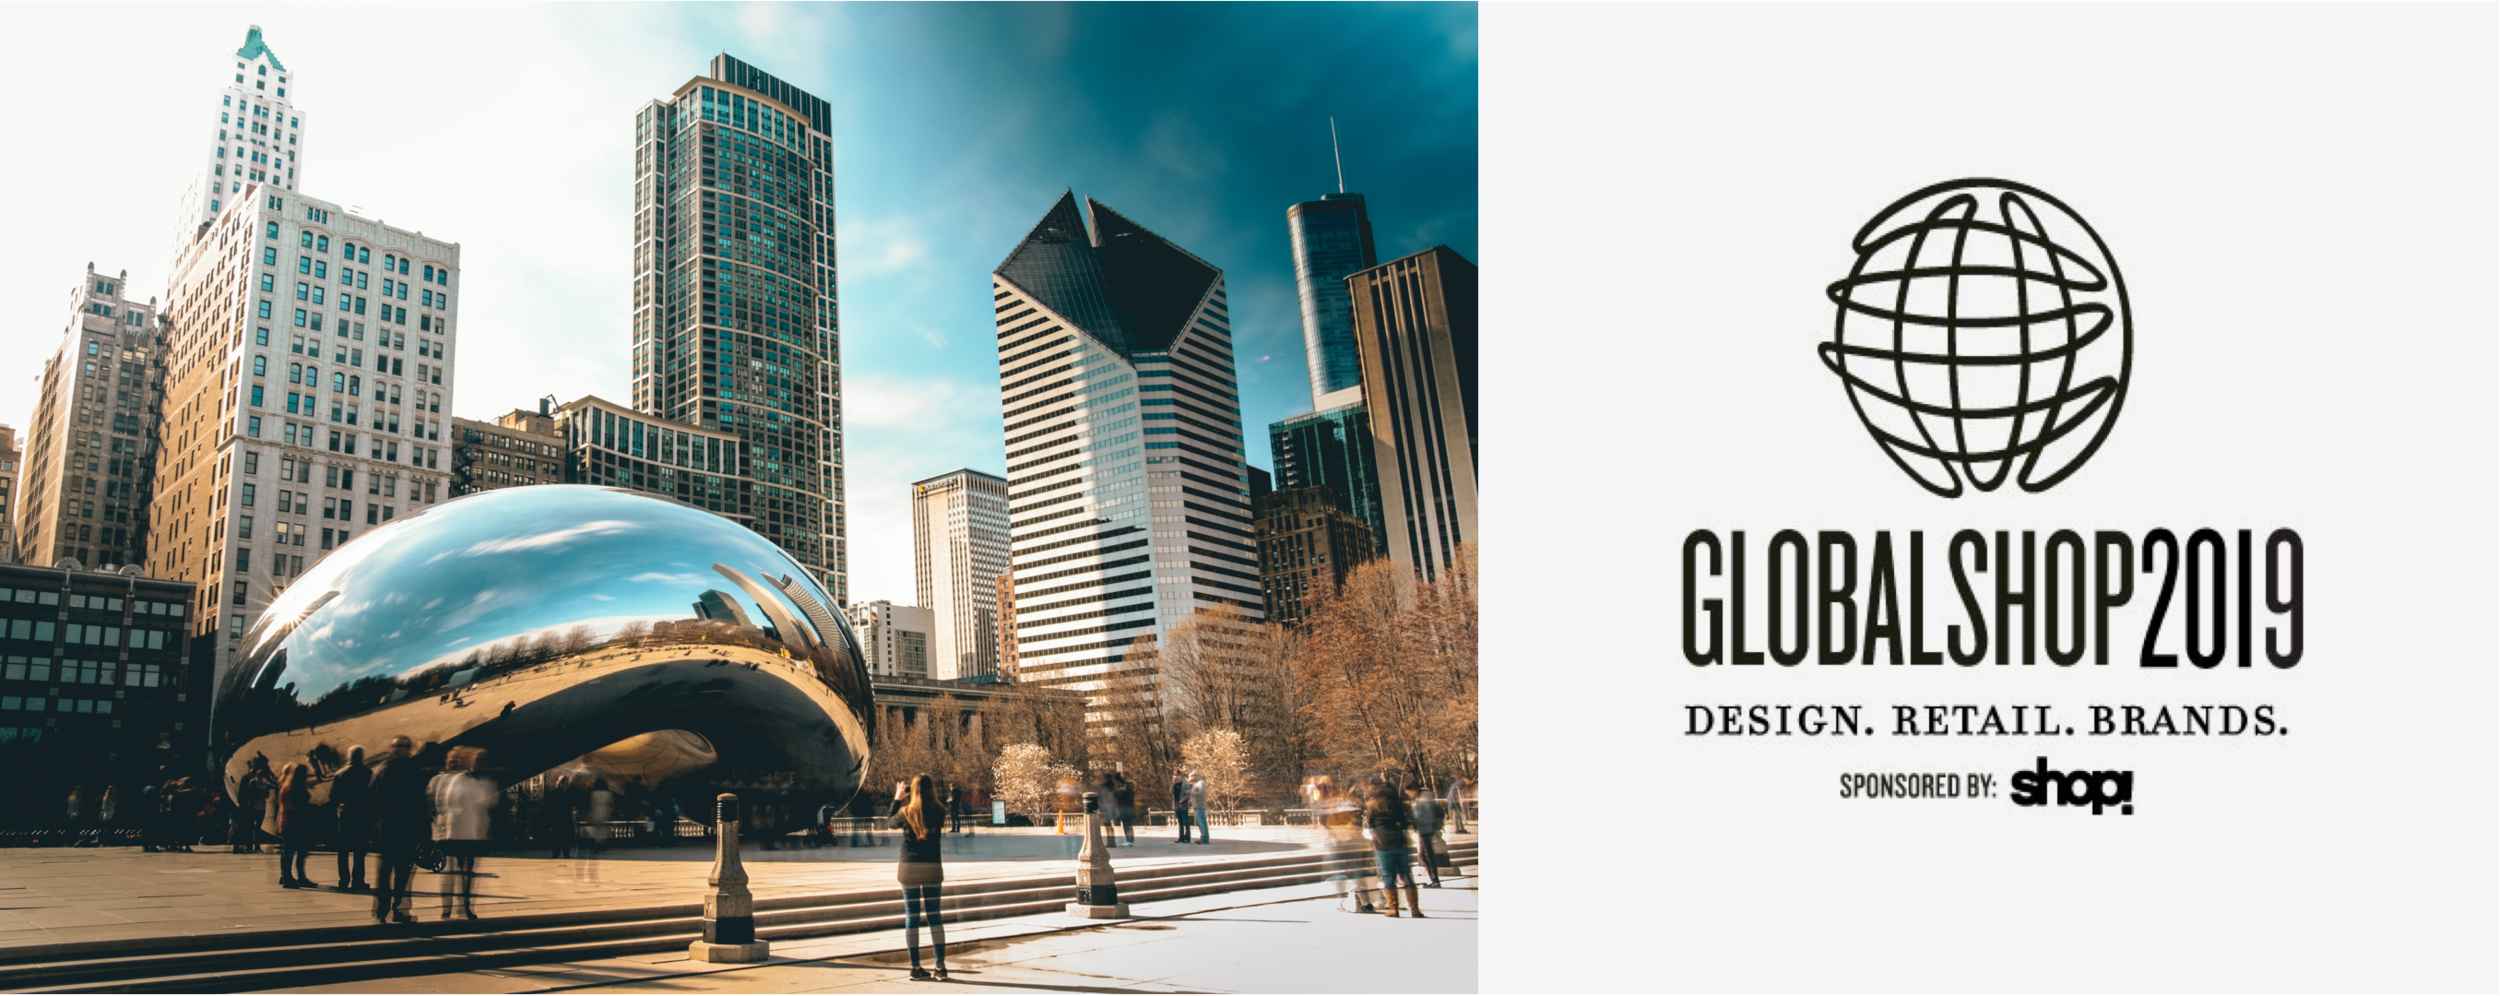 globalshop 2019.png